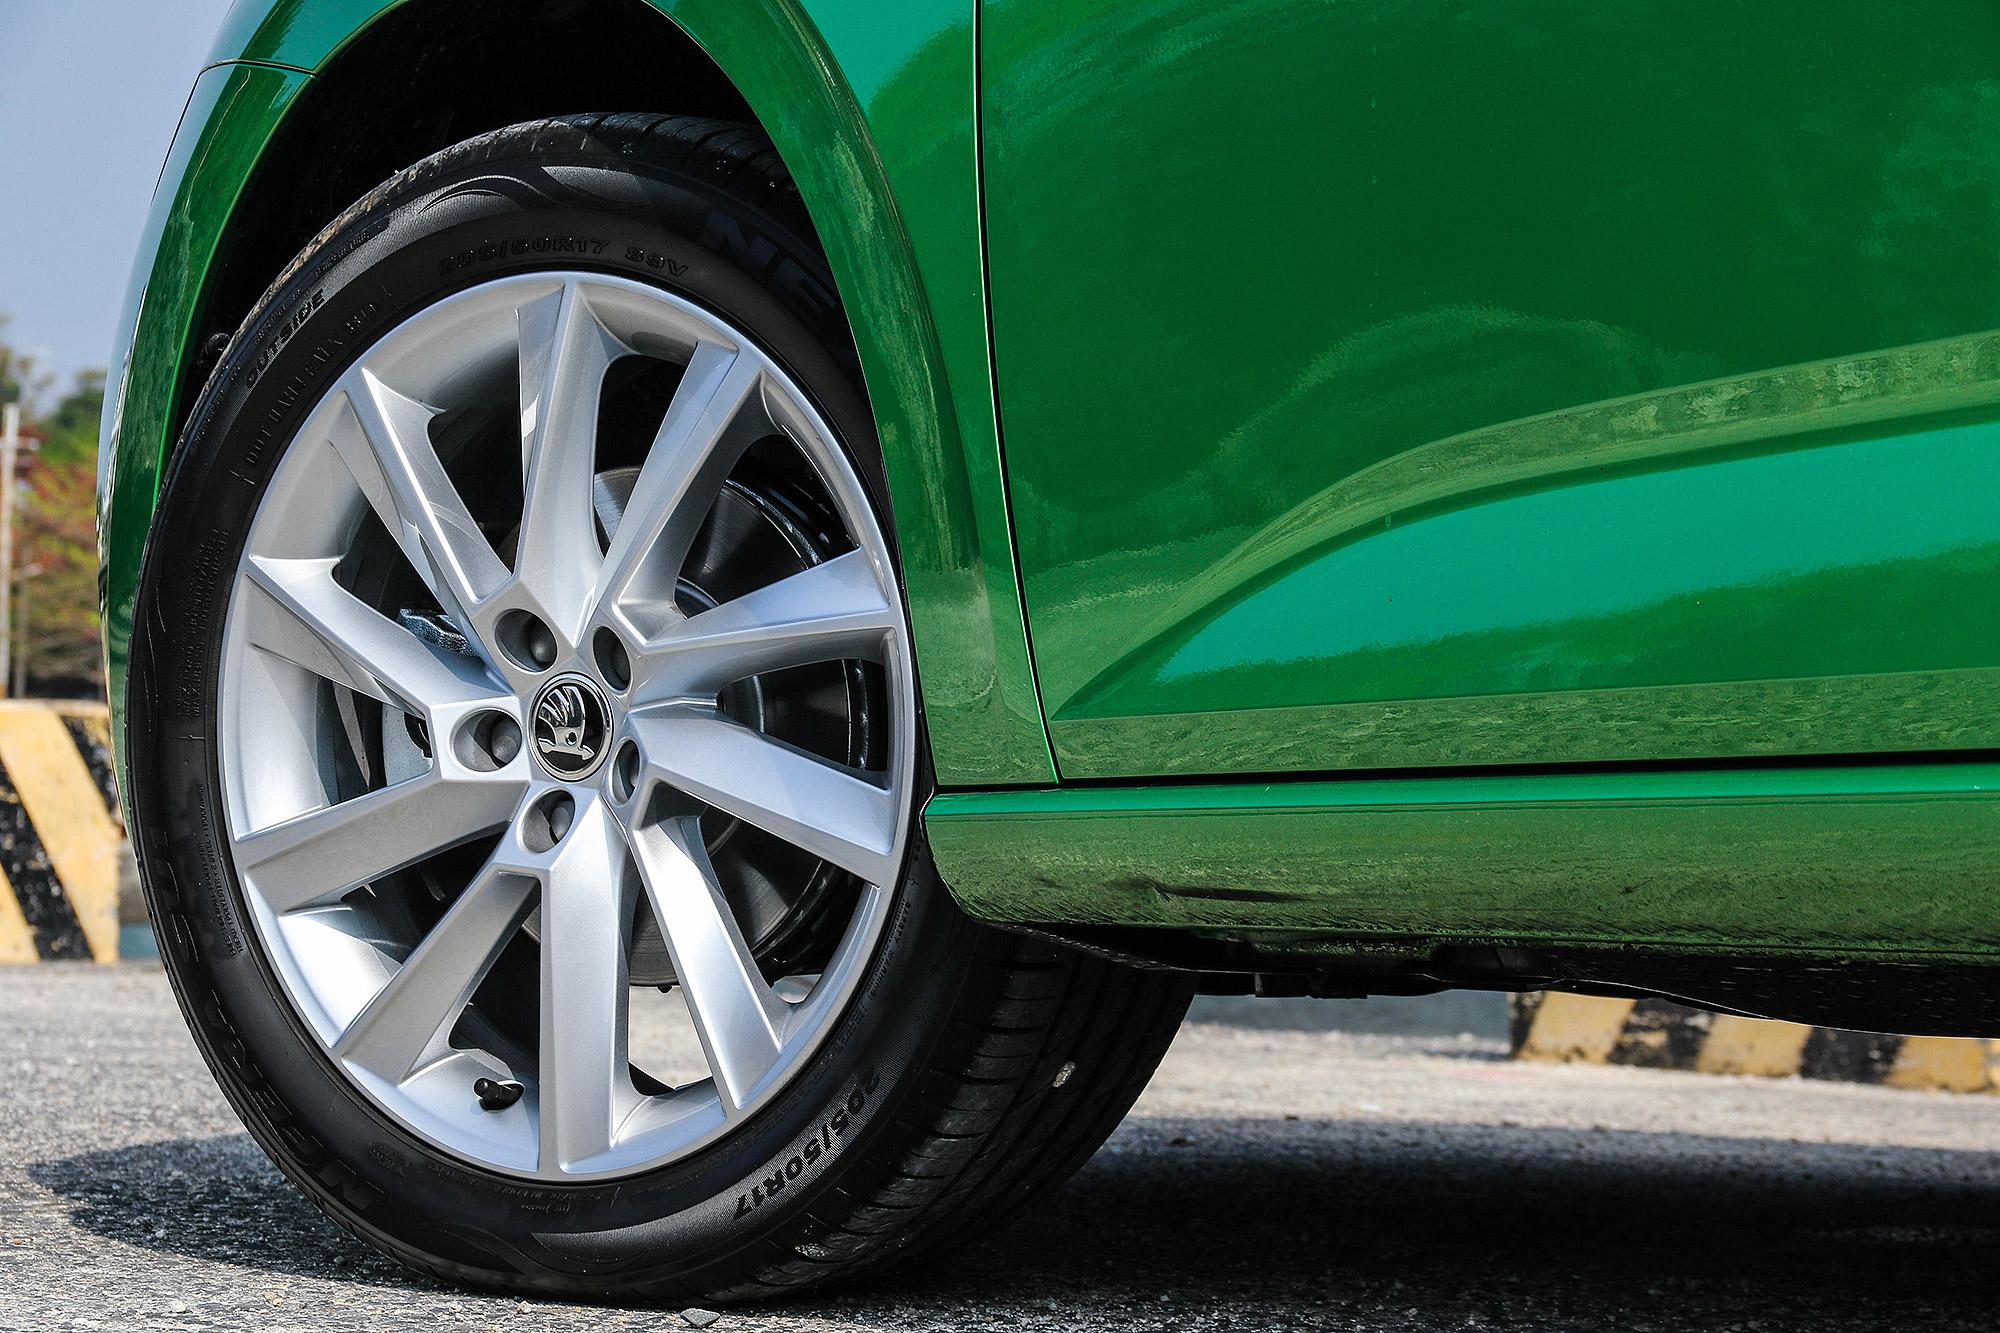 豪華版車型標配 17 吋鋁合金輪圈。